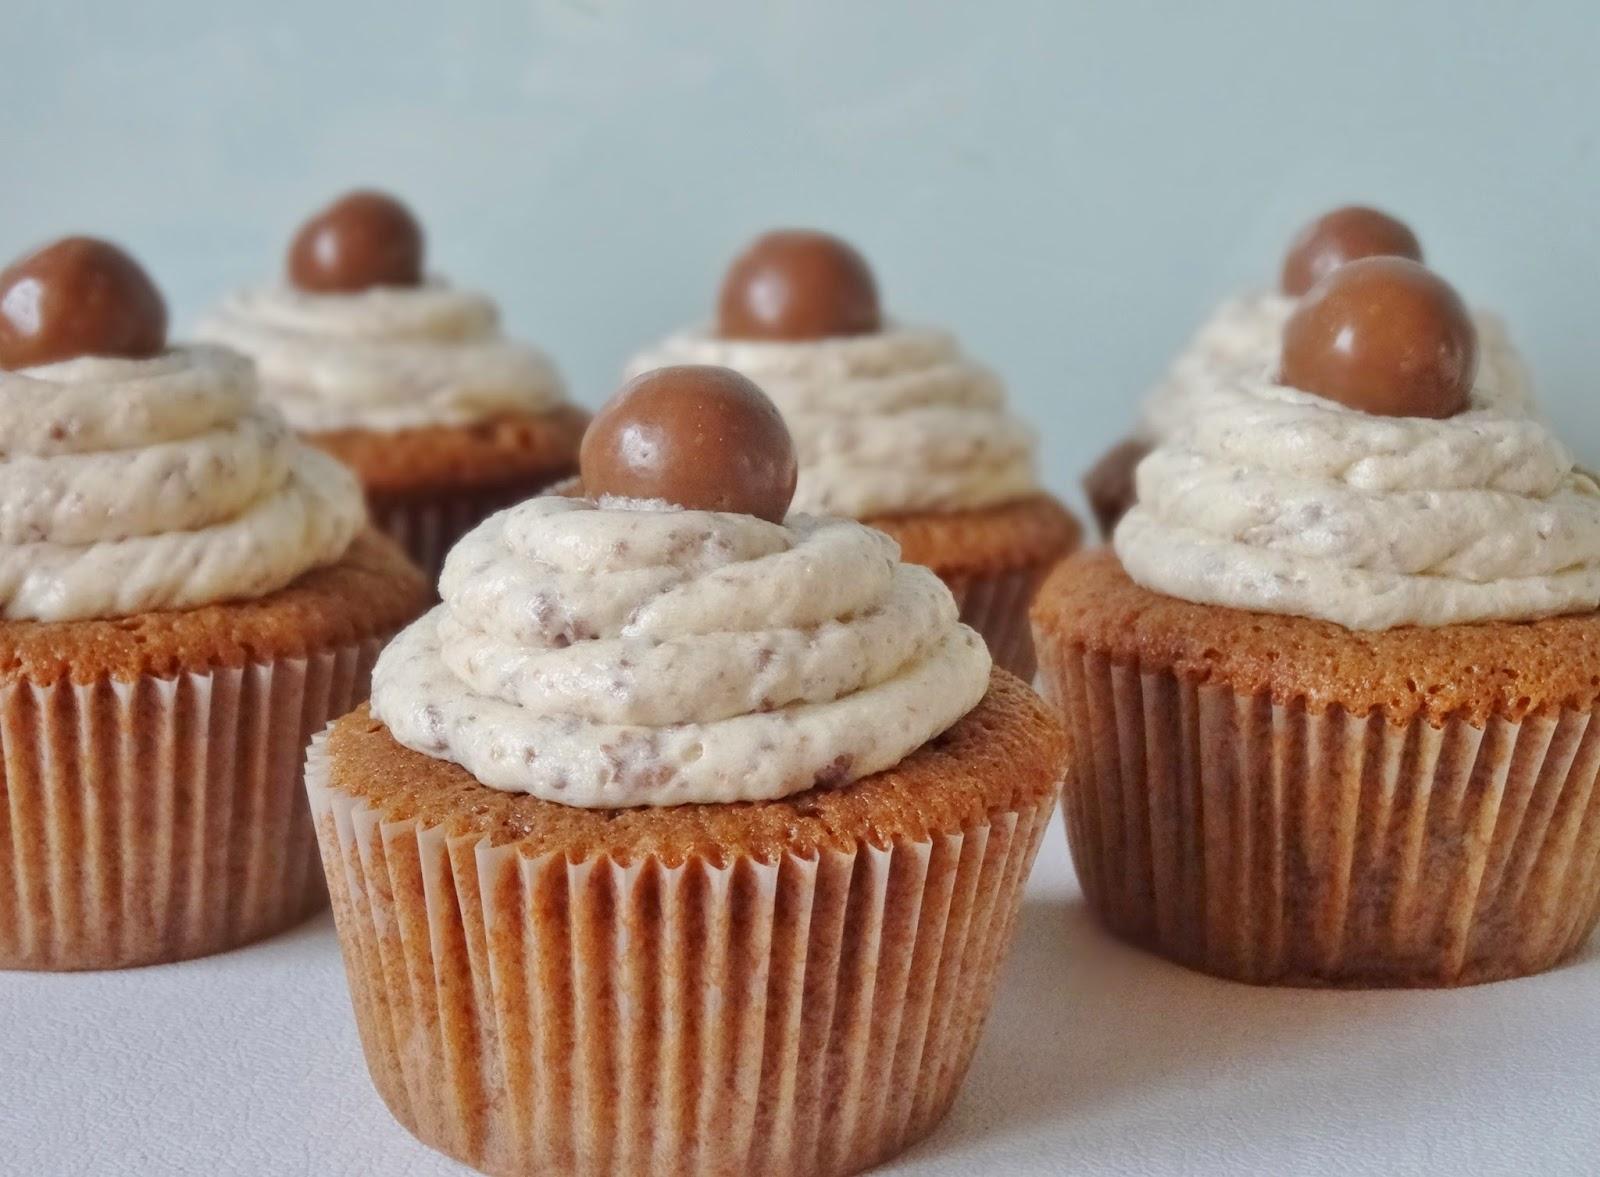 Geliefde Joyce bakt: Malteser cupcakes #UT43